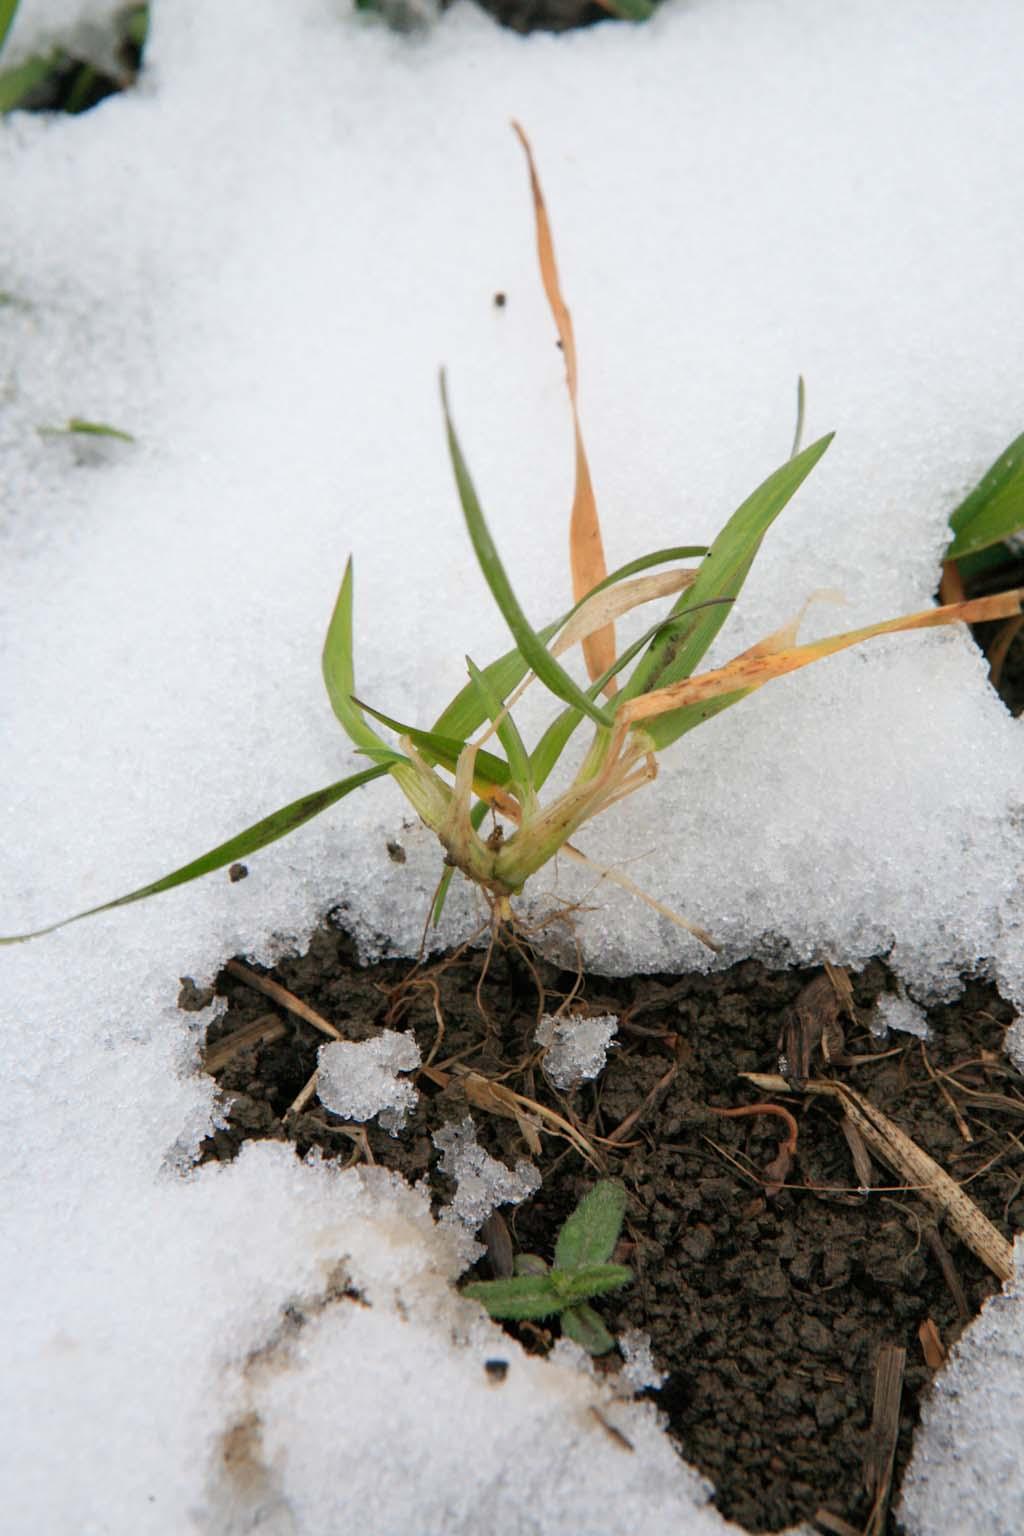 Rouste on paljastanut syysvehnän juuria. Siitä huolimatta kasvi on elinvoimainen, versoo ja työntää uusia juuria maata kohti. Kuva 5.5.2014.